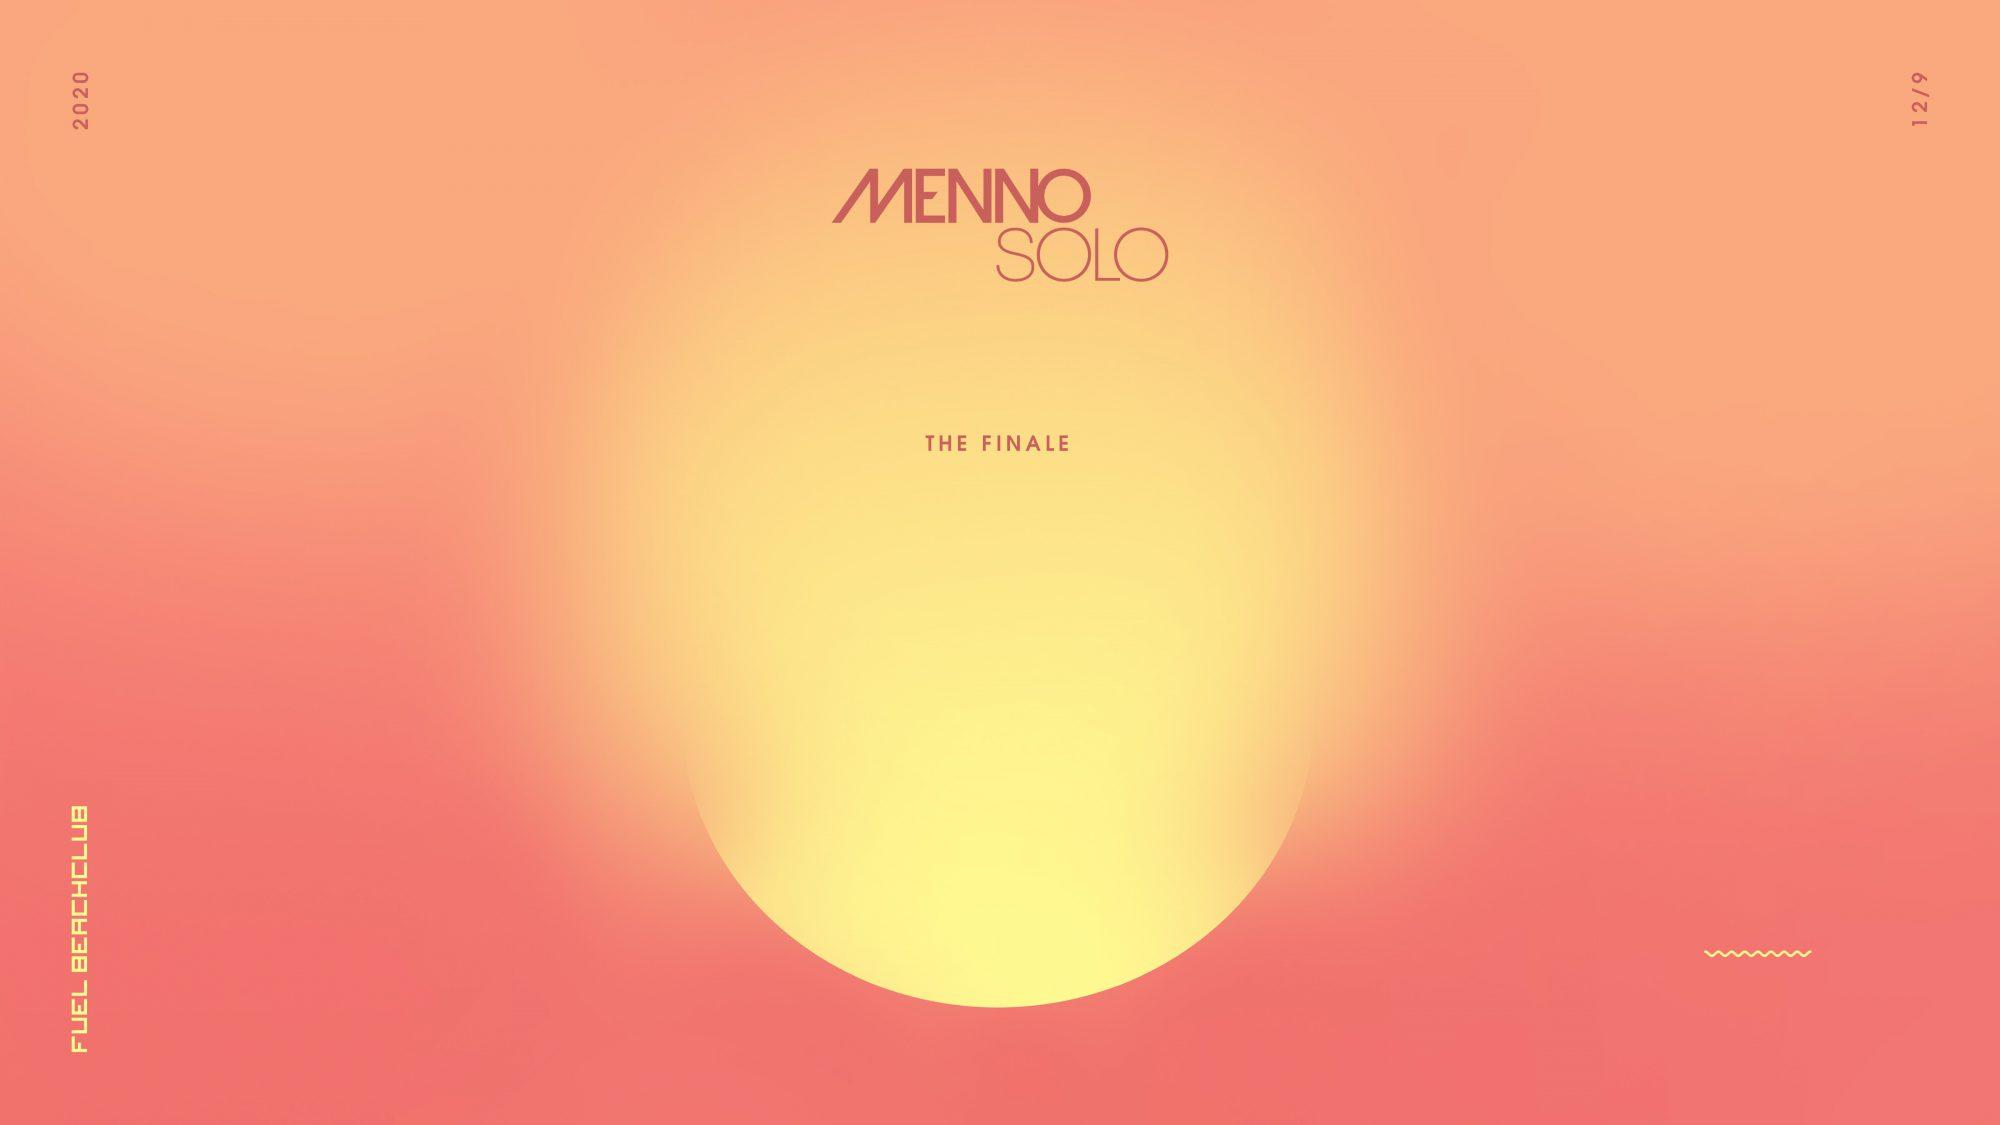 Menno Solo - The FInale